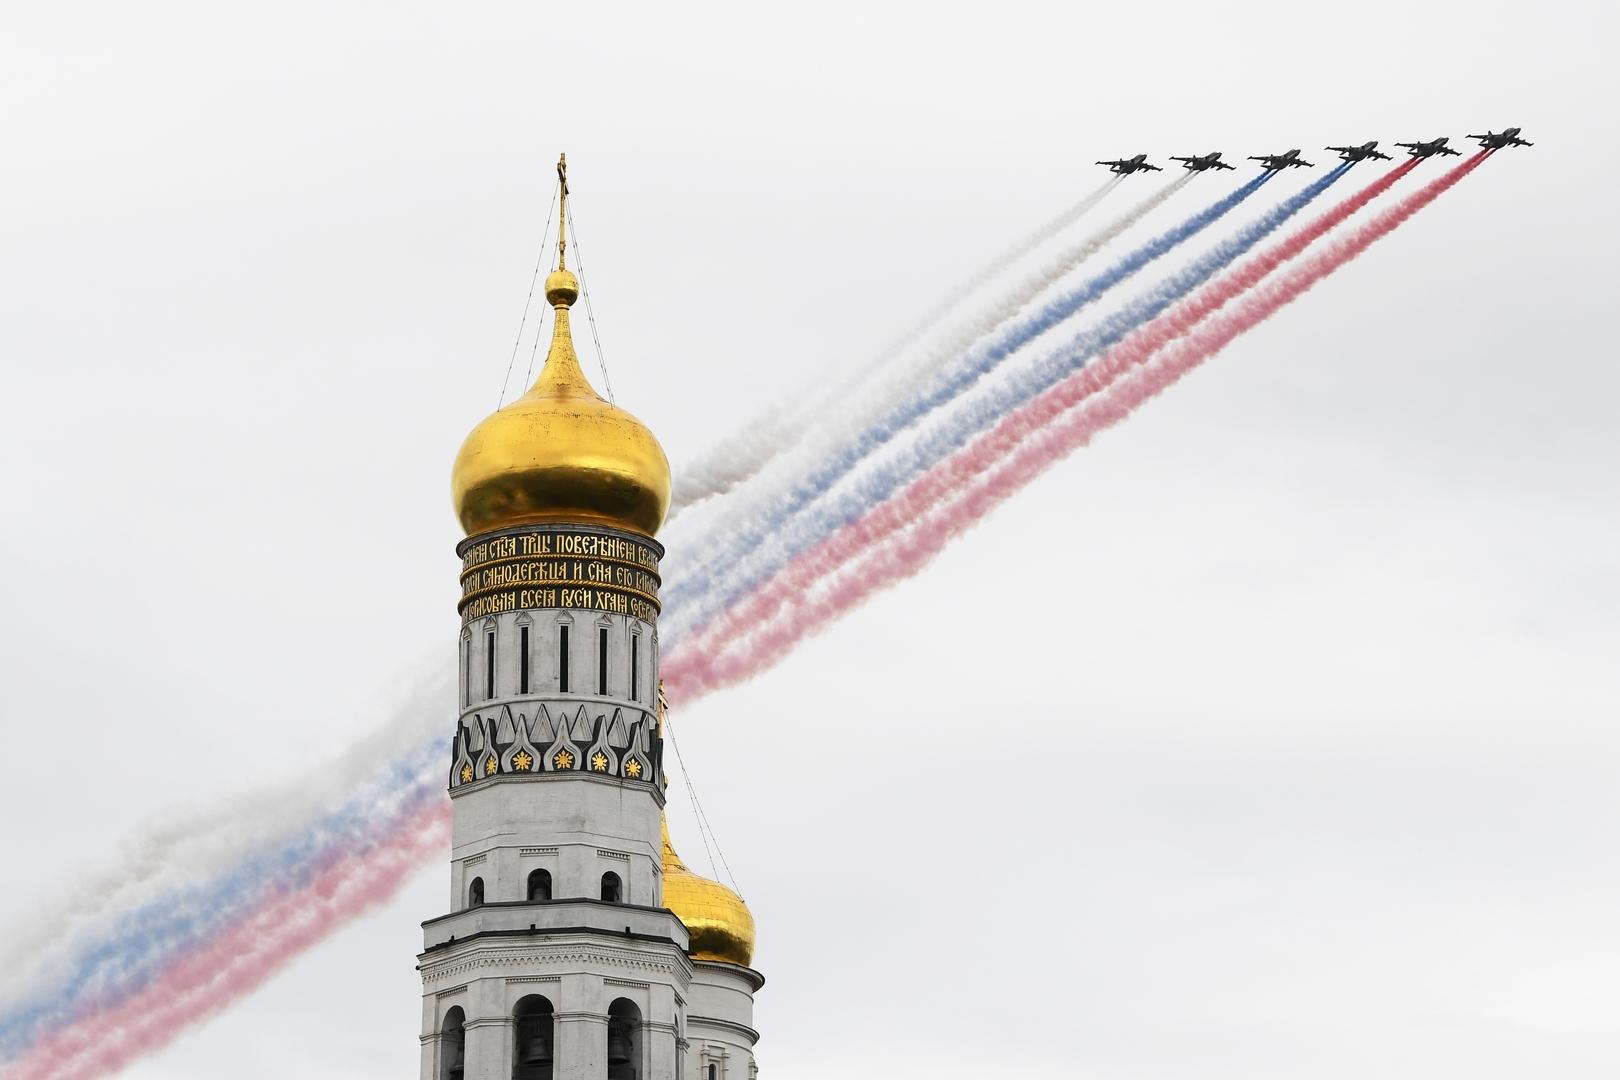 Su-25-Flugzeuge bei der Flugschau in Moskau